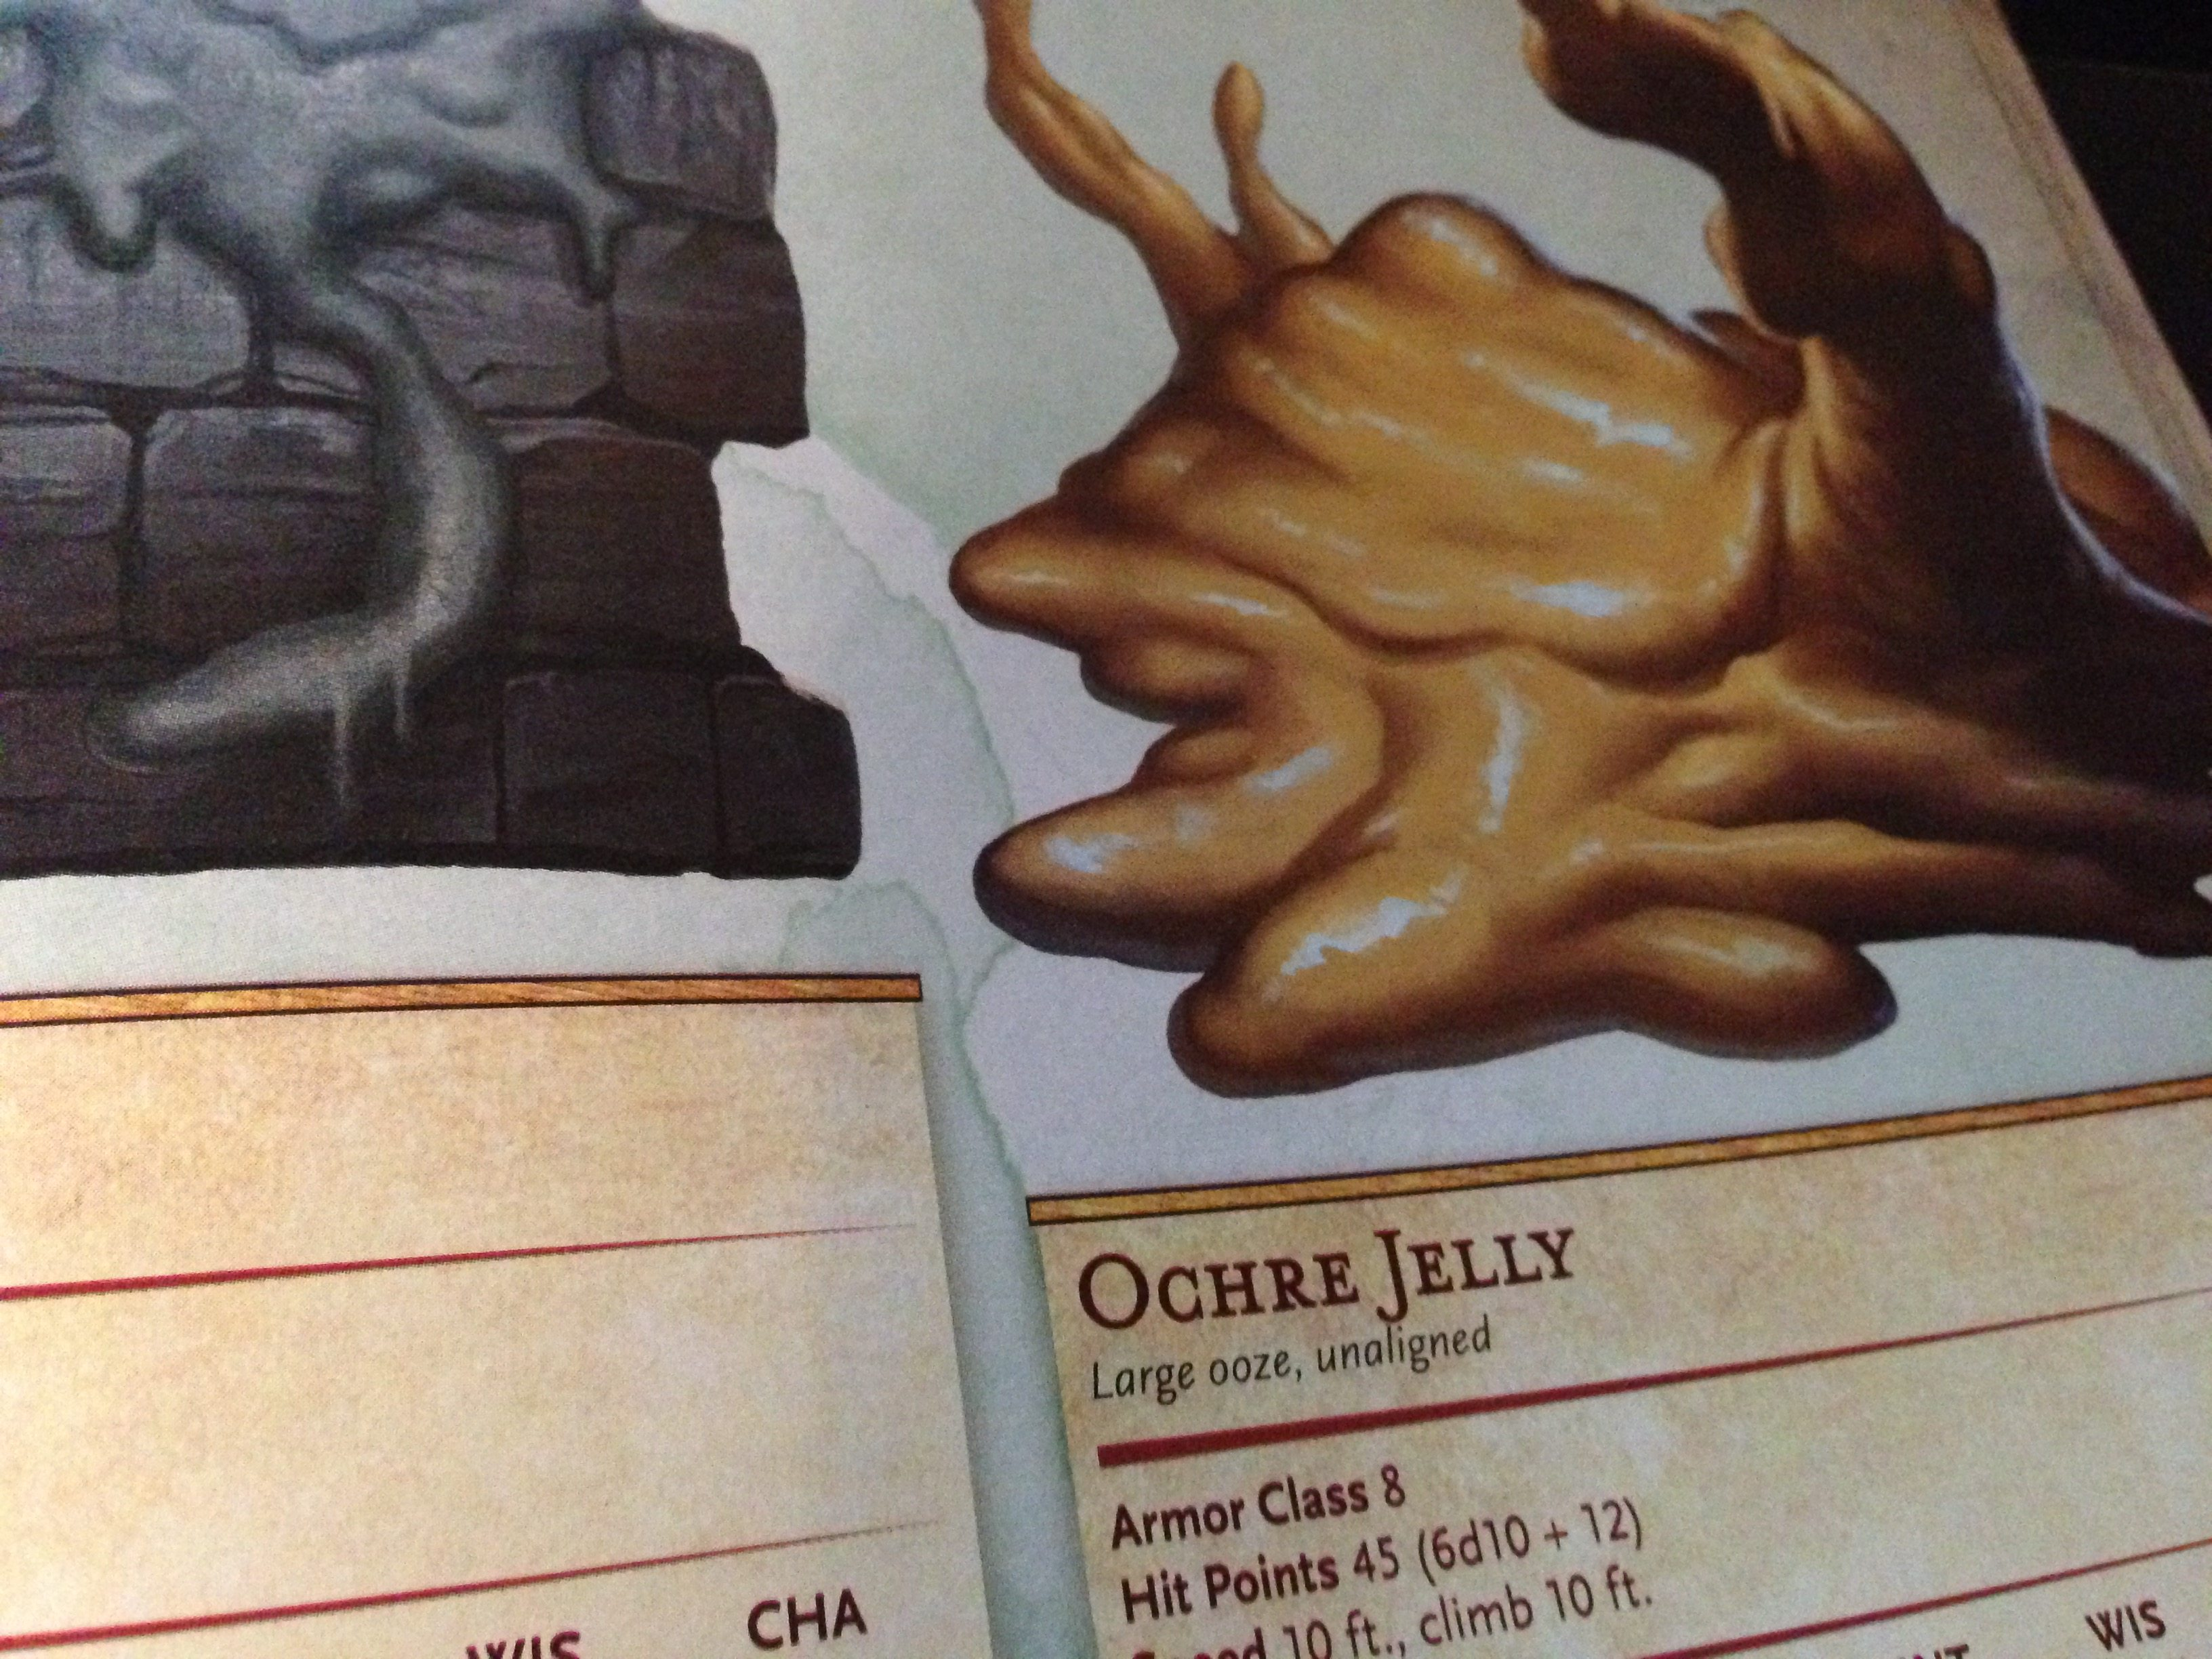 Ochre Jelly